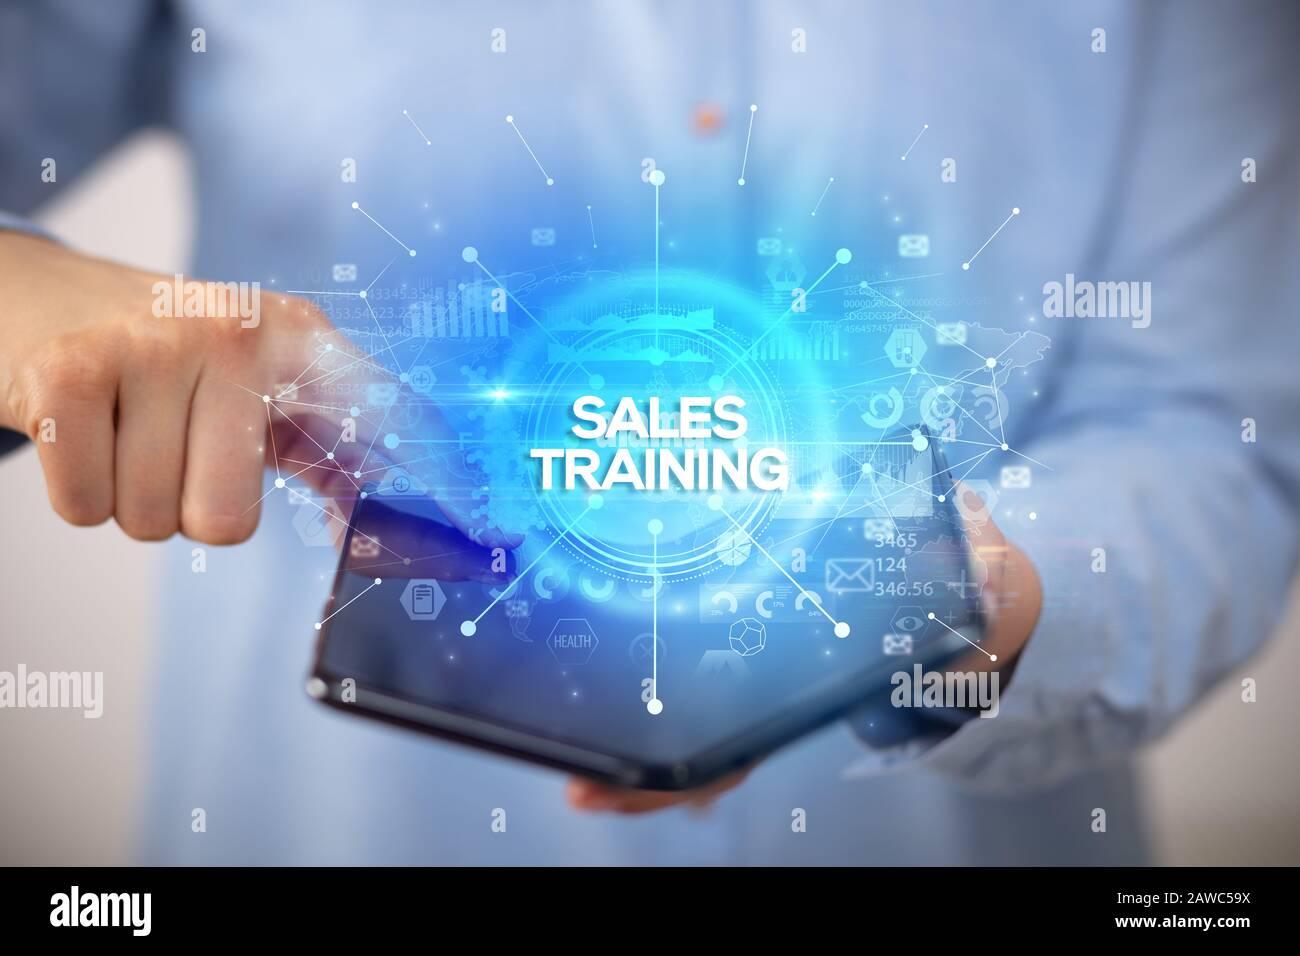 Businessman holding a smartphone pliable avec des ventes formations inscription, nouveau concept commercial Banque D'Images